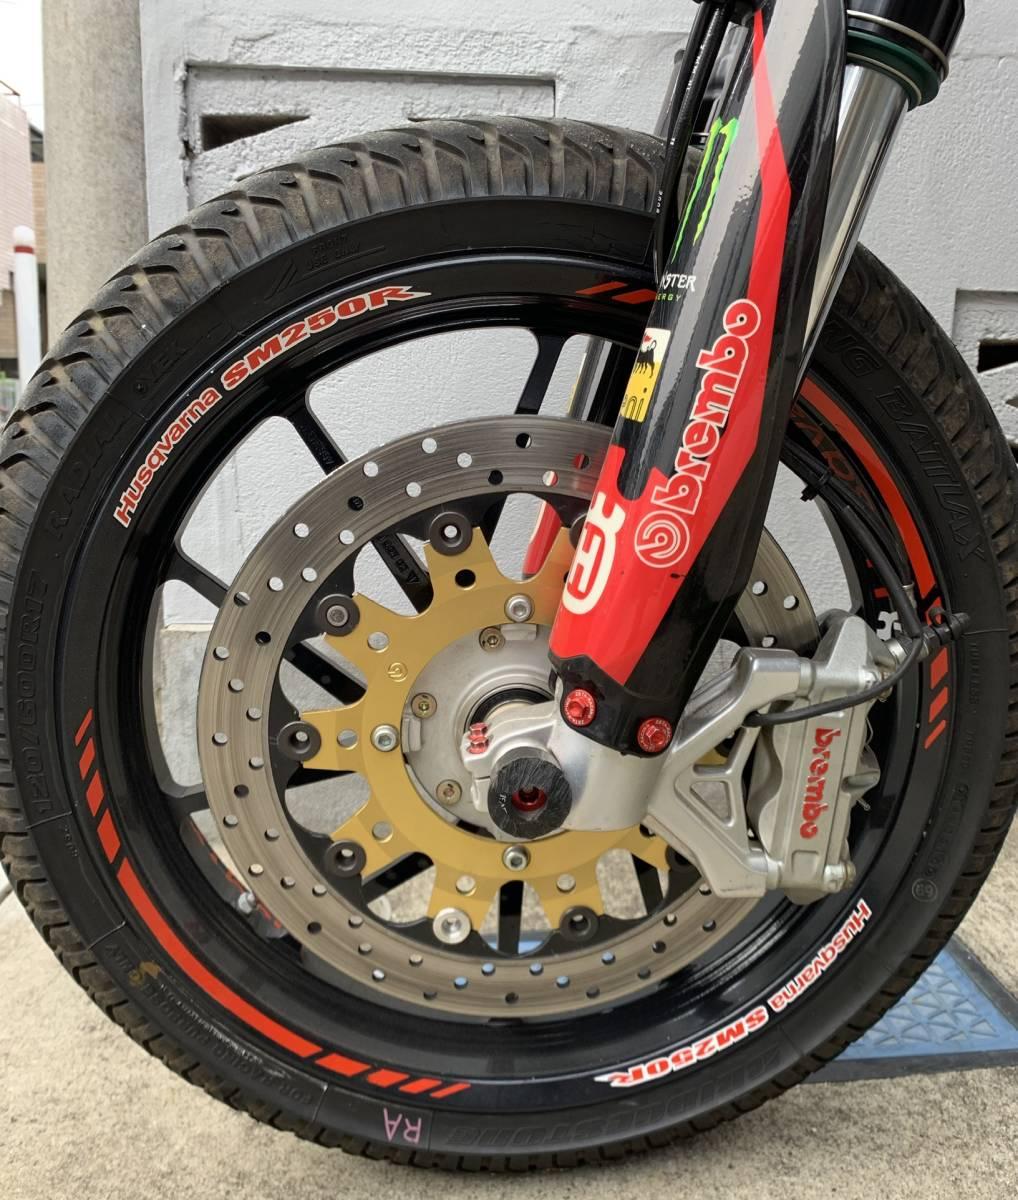 2009年式 インジェクション ハスクバーナSM250R ATHENA300cc 250cc登録 改造多数 予備部品多数_画像3